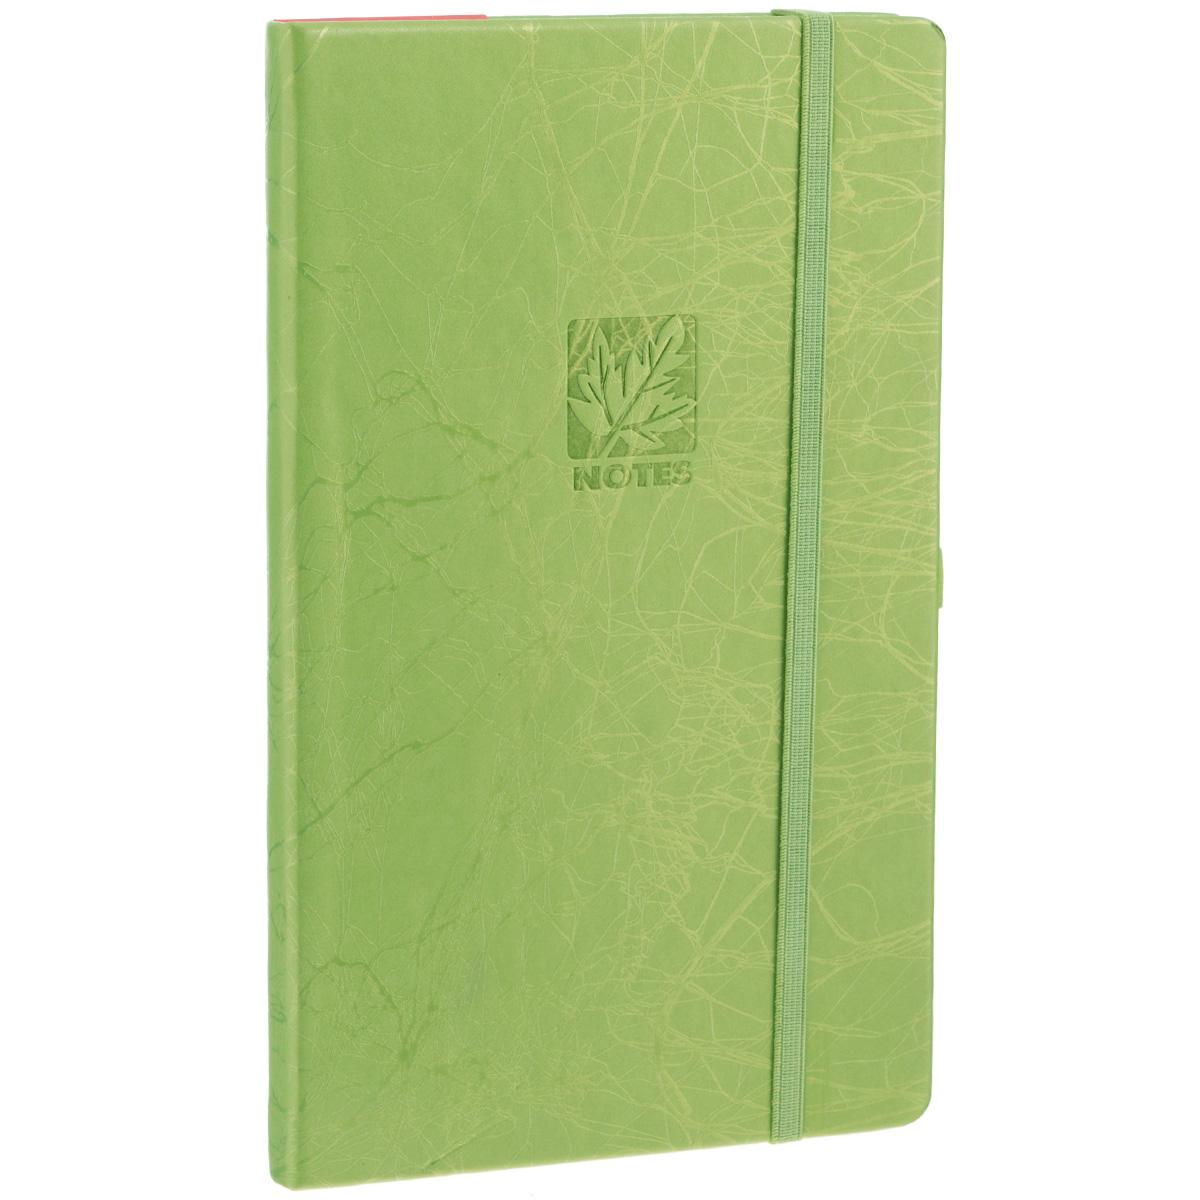 Записная книжка Erich Krause Scribble, цвет: оливковый, 96 листов mind ulness утренние страницы лимон скругленные углы